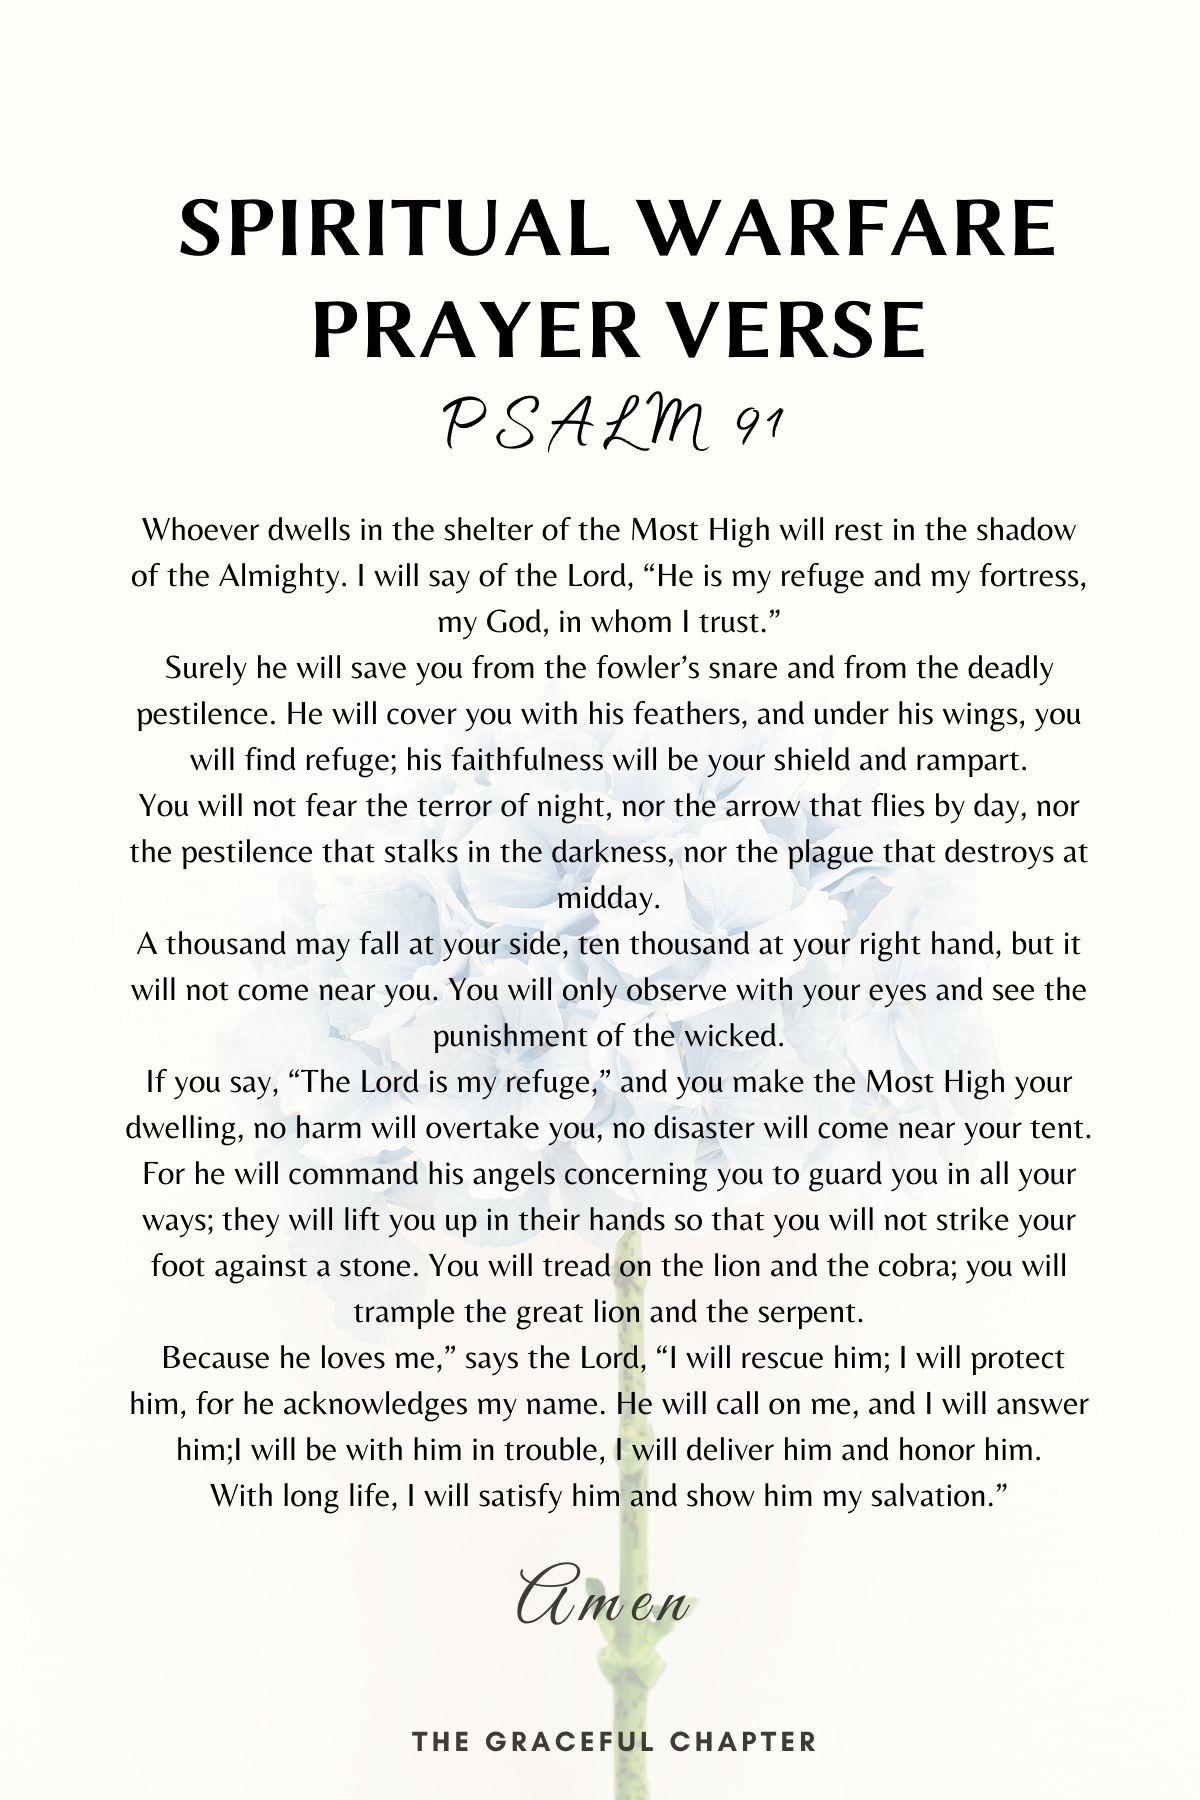 Psalm 91 spiritual warfare prayer verse